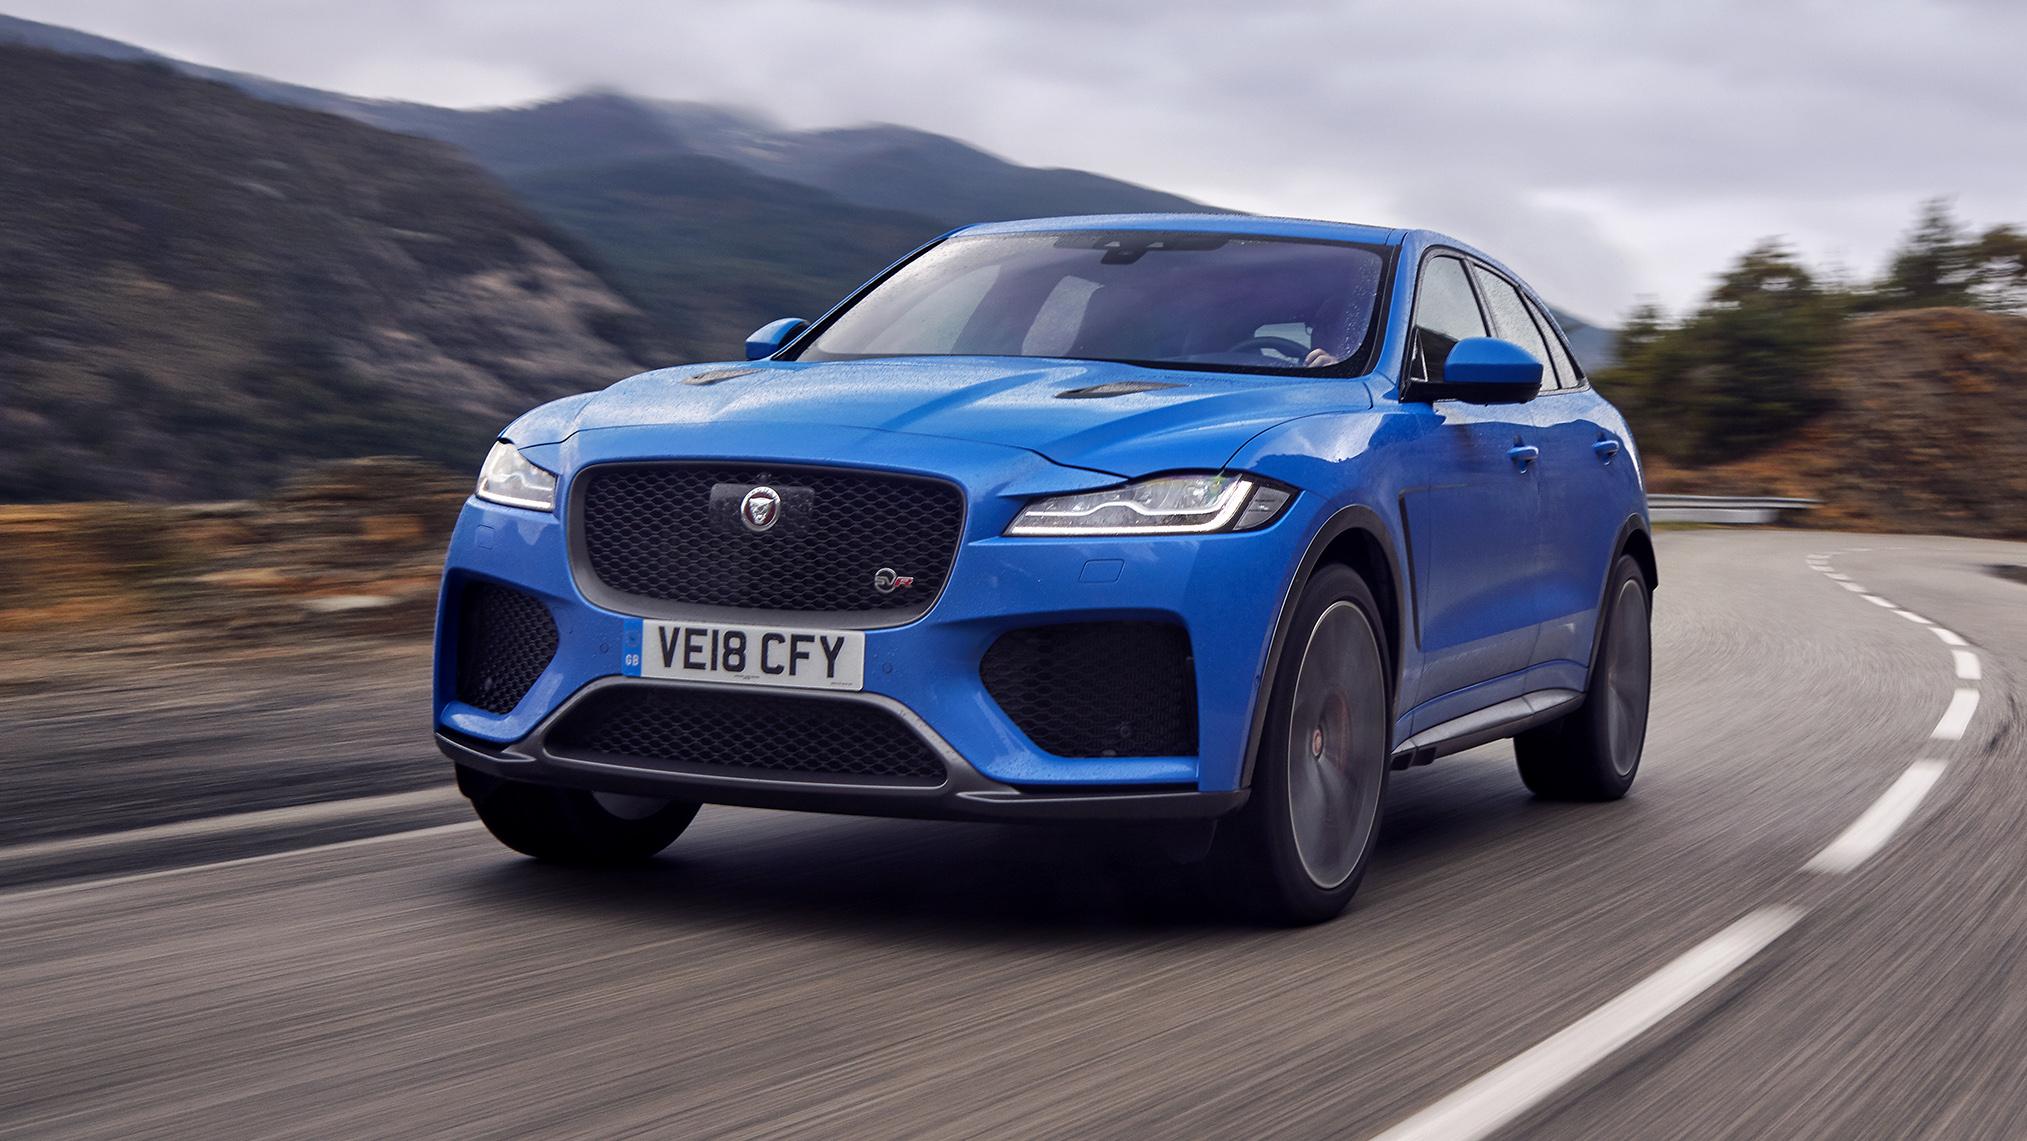 Jaguar F Pace Svr Review Supercharged Stelvio Rival Driven